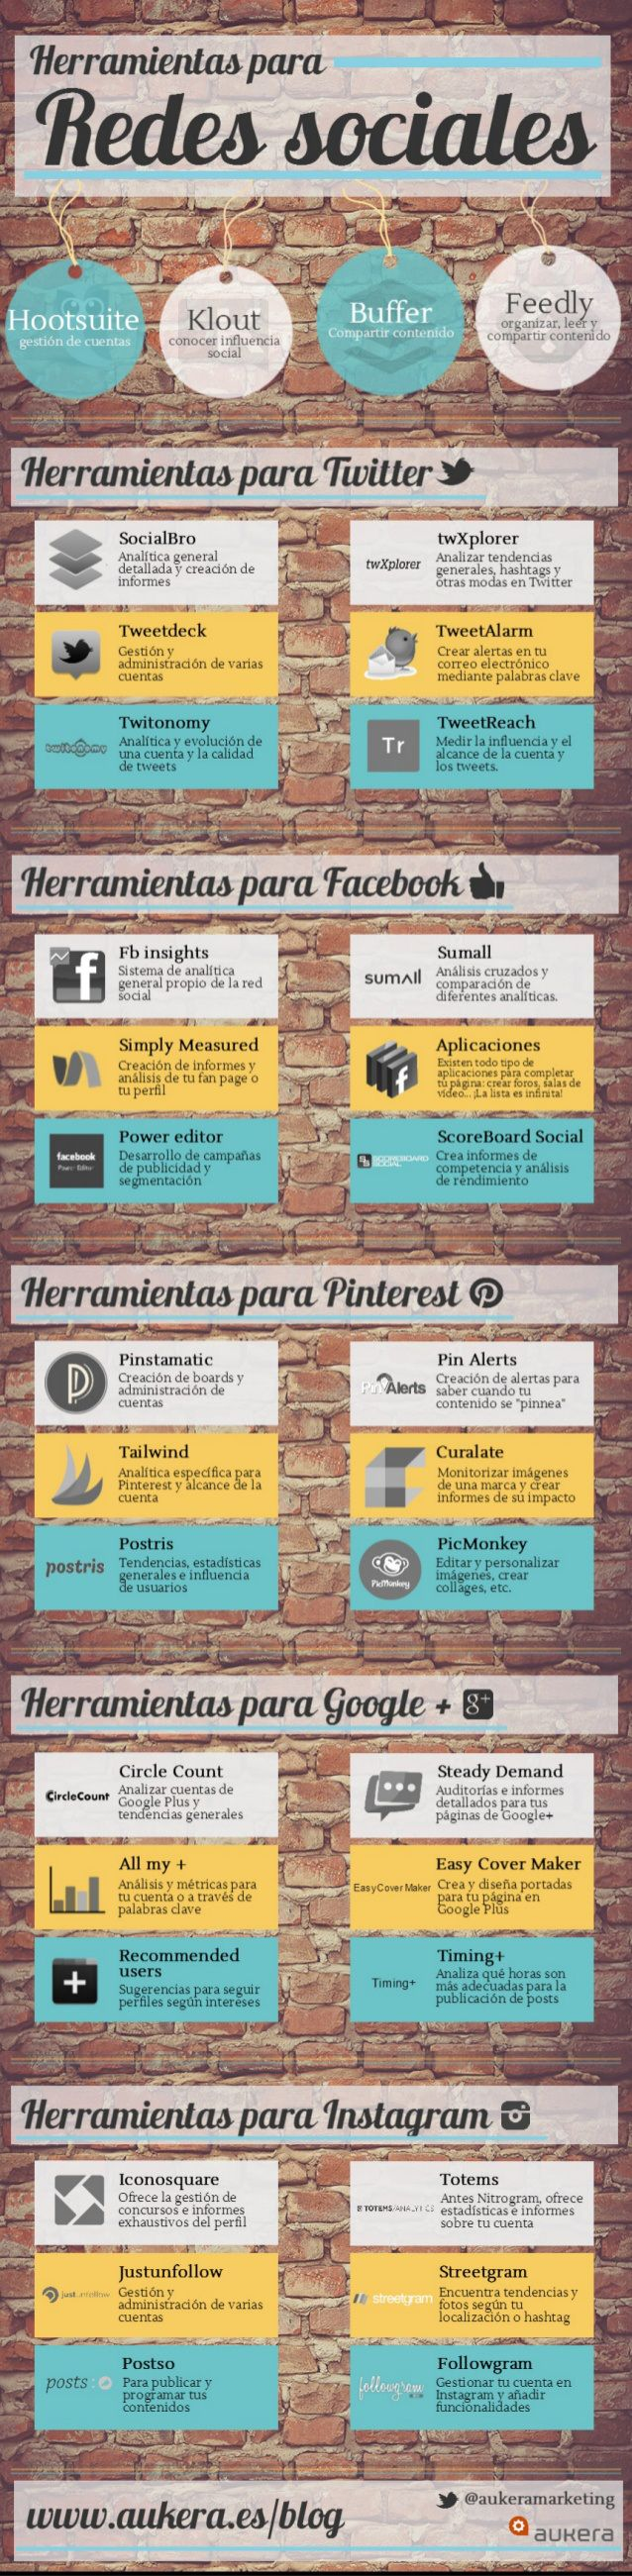 #Infografía: 34 herramientas para la gestión de Redes Sociales #socialmedia